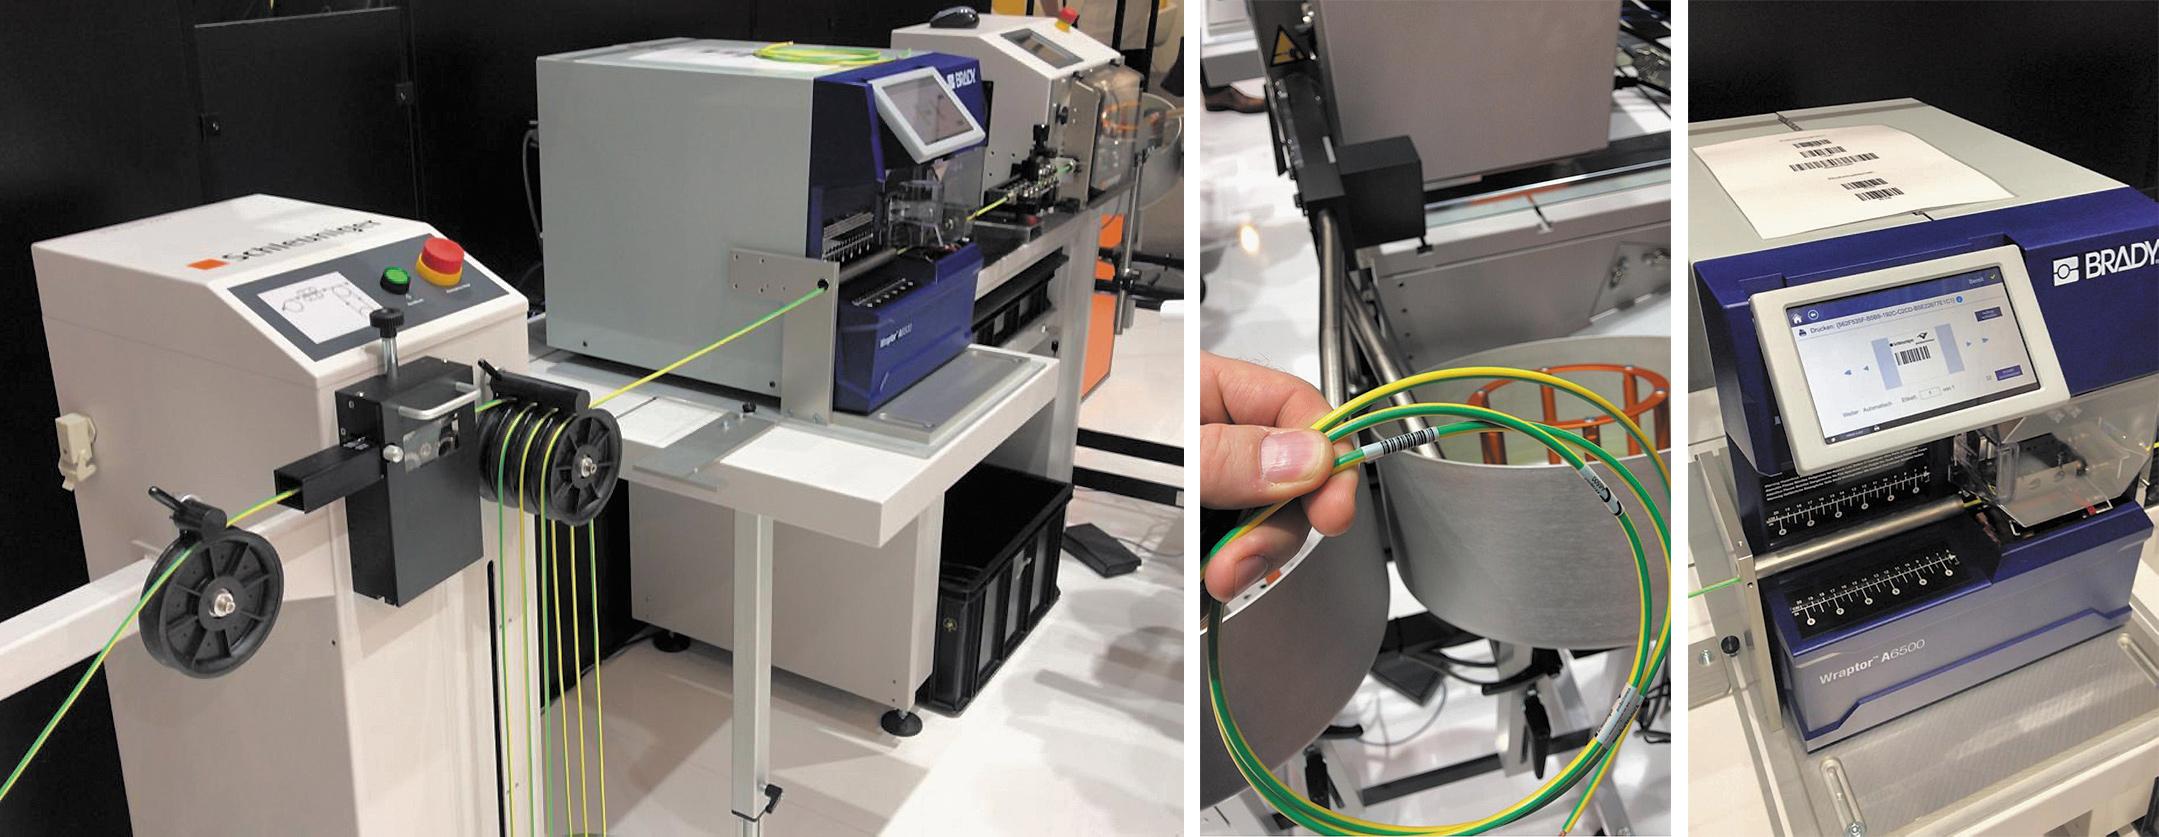 Встроенная маркировка кабелей на основе установки Brady Wraptor A6500